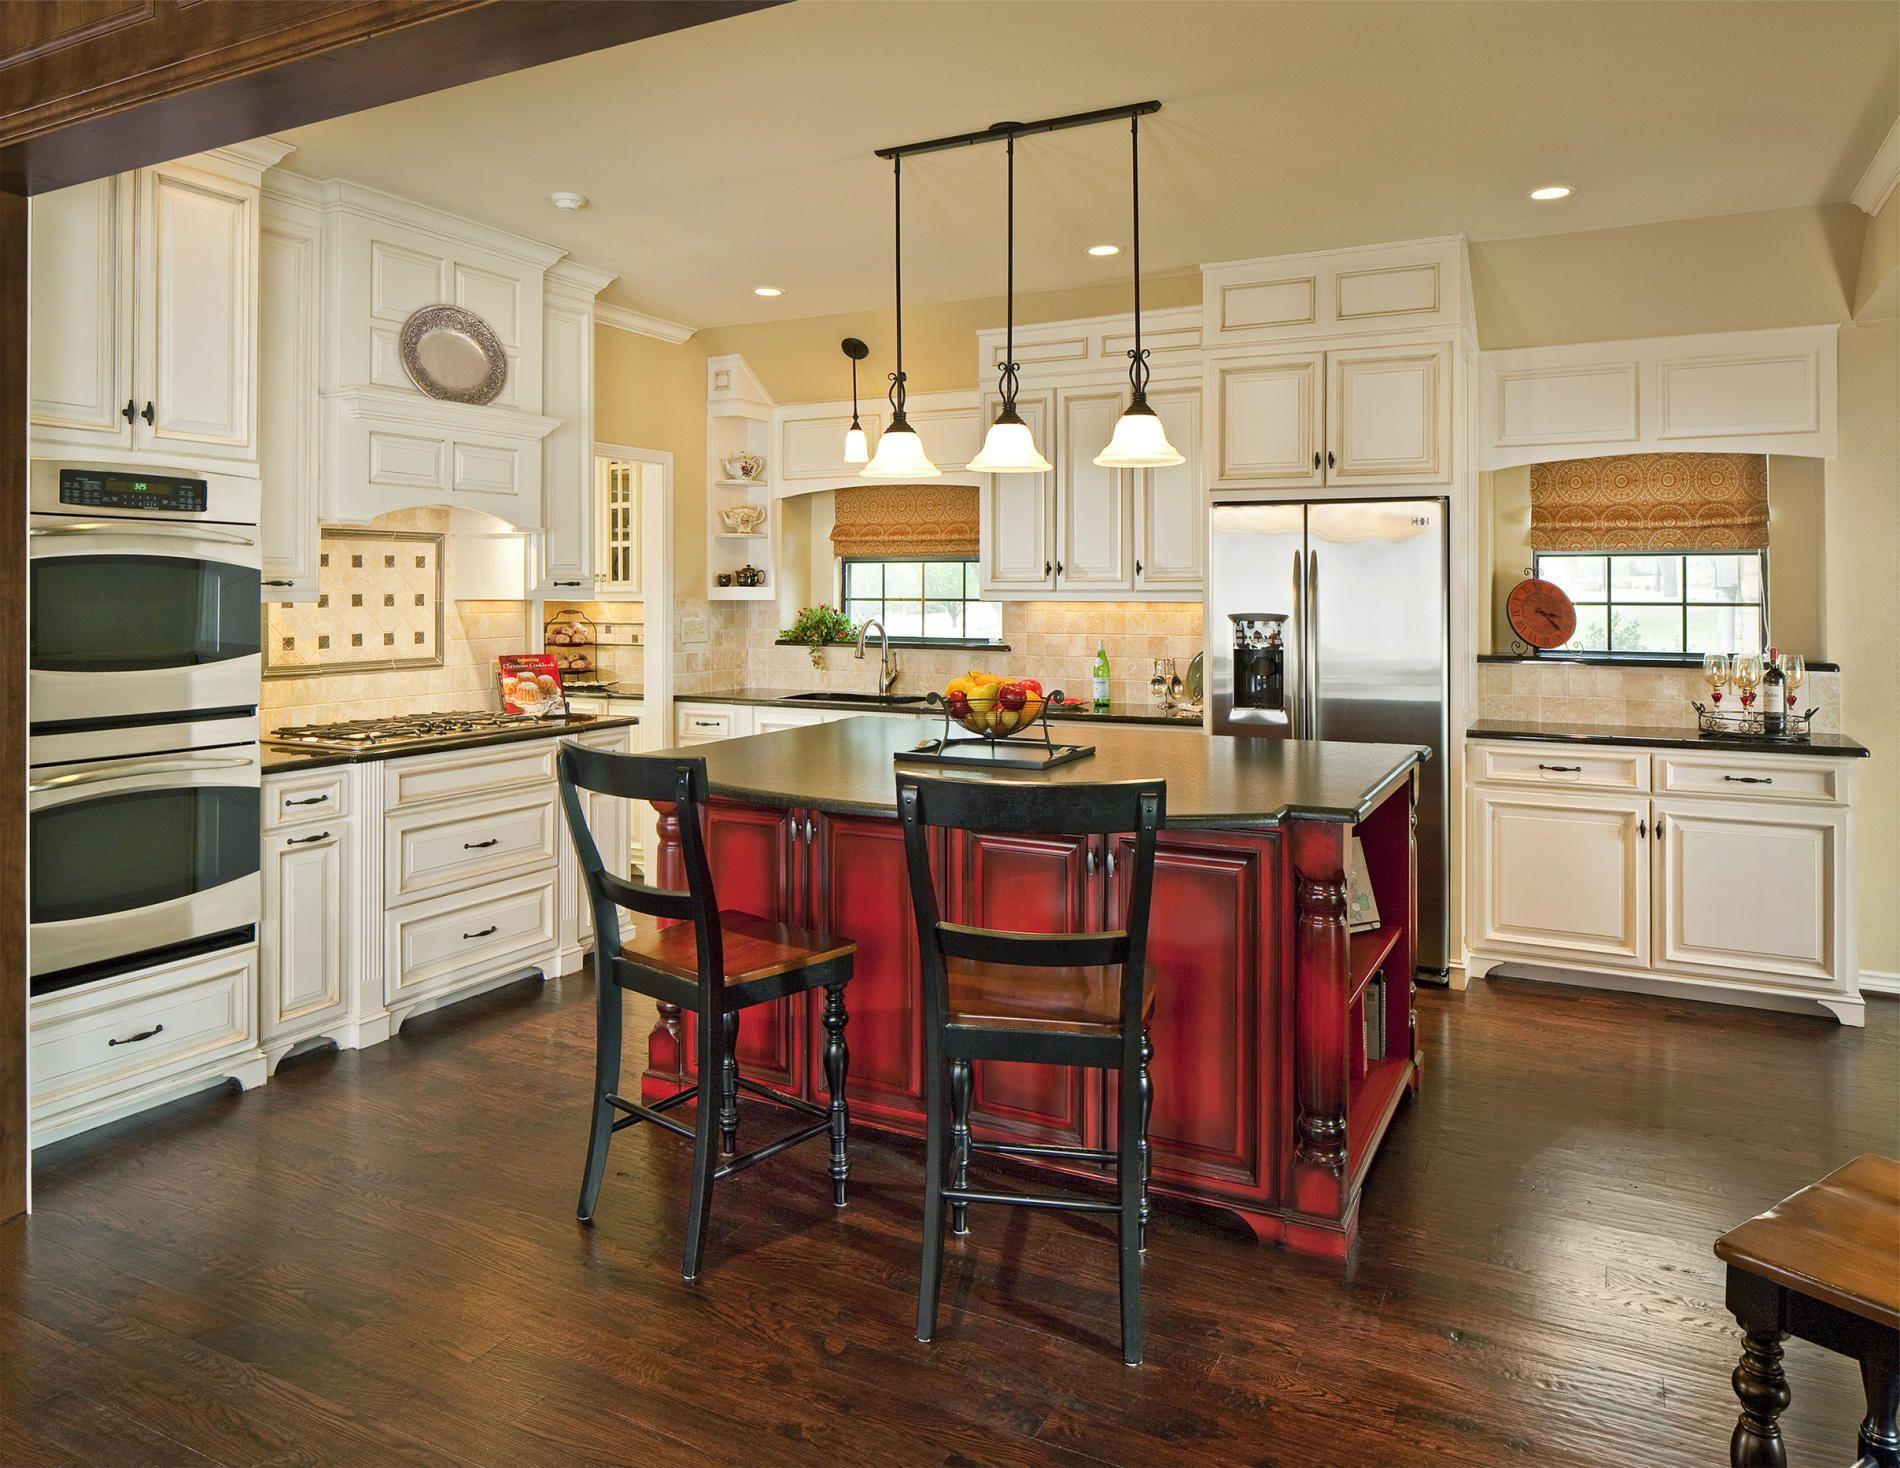 kitchen dark brown wooden floor modern minimalist decor schemes images of kitchen islands on kitchen island ideas black id=96808